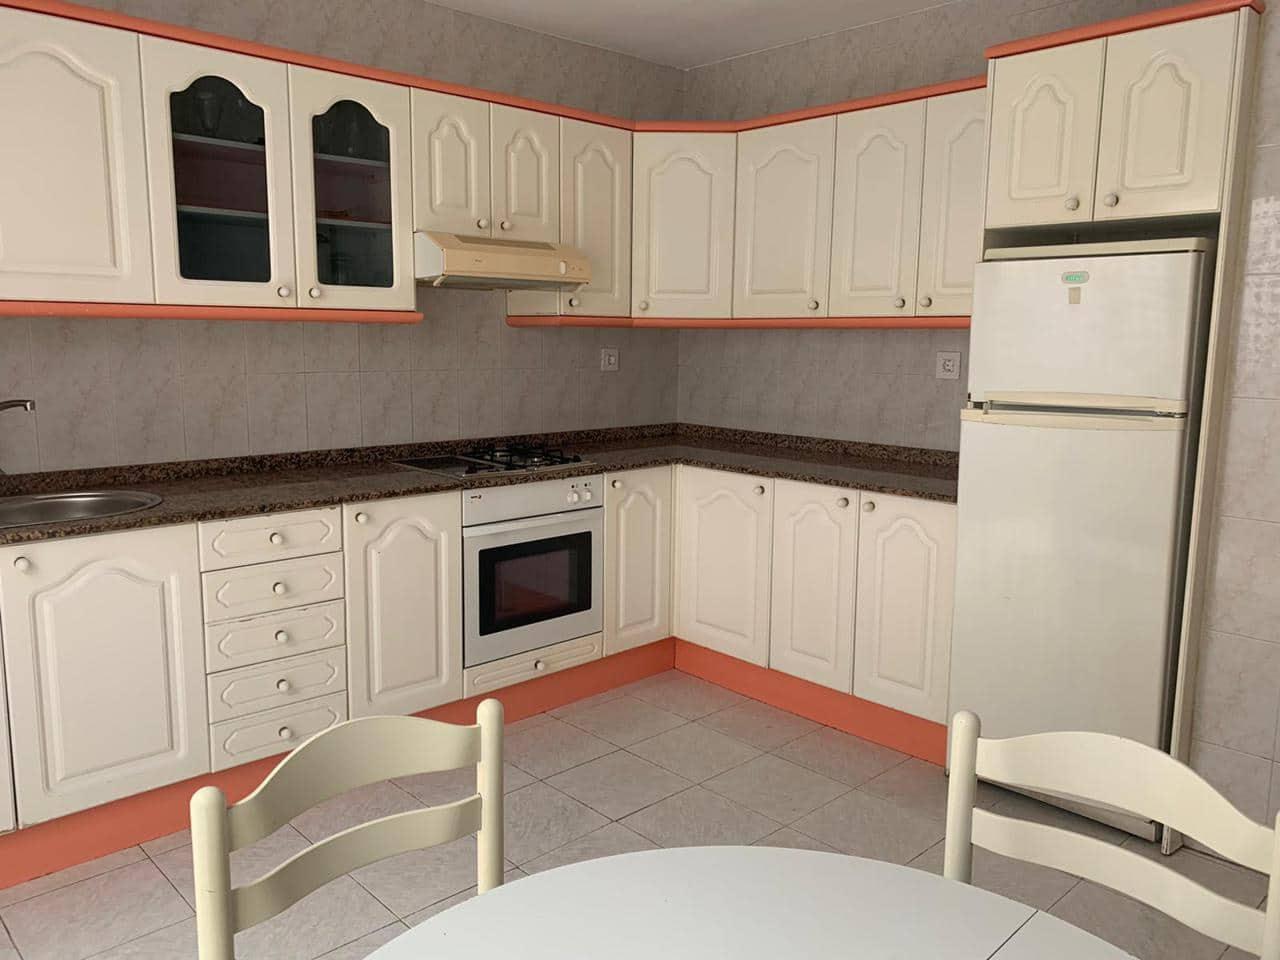 Appartement de 3 chambres à louer à San Bartolome de Tirajana - 990 € (Ref: 5038756)